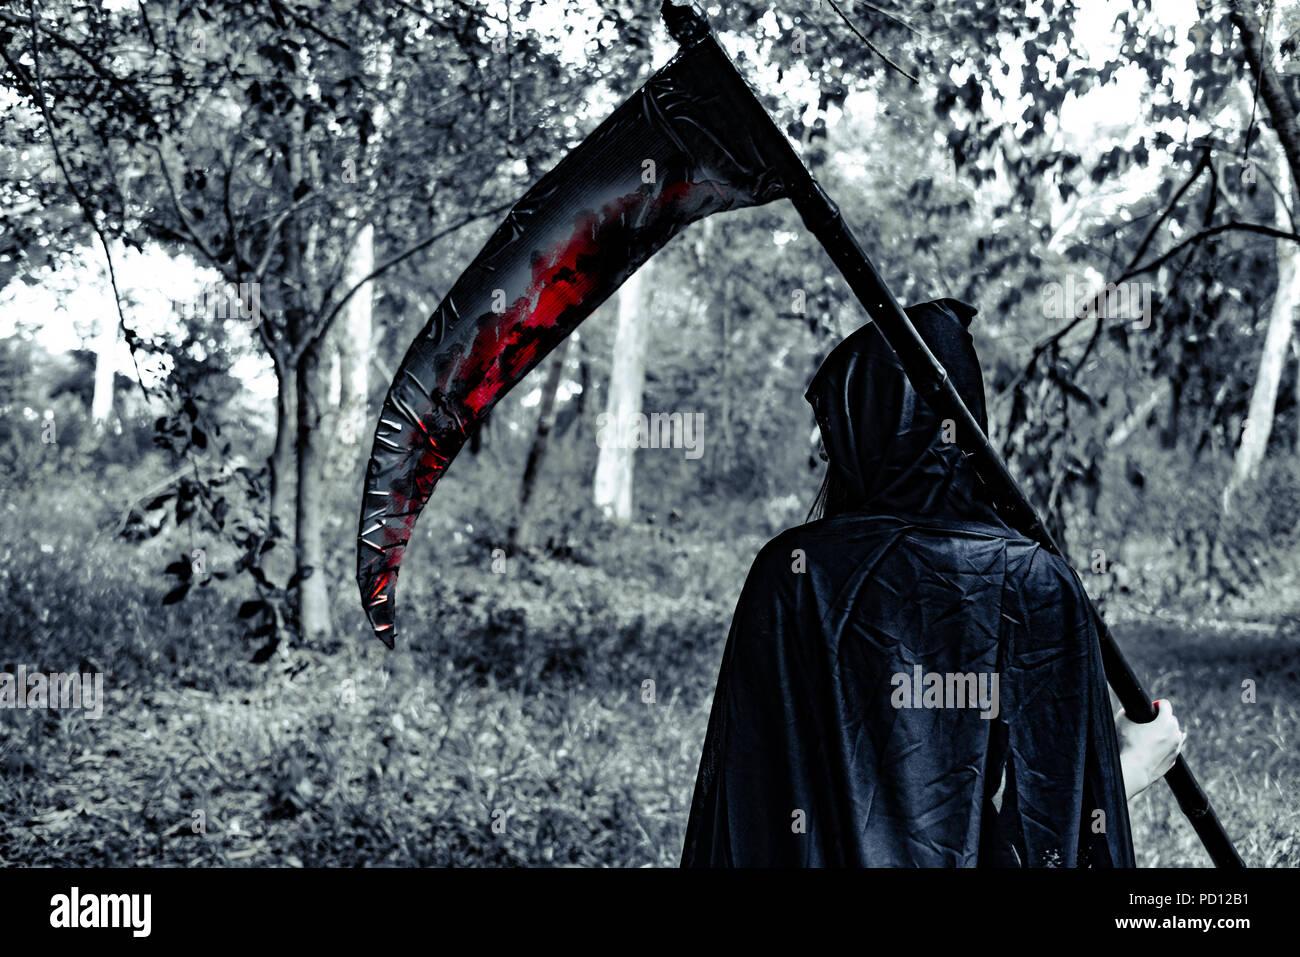 Vista posteriore di demon strega con reaper e sangue nel mistero foresta. L' orrore e la nozione di Ghost. Il giorno di Halloween e spaventoso tema scena. Immagini Stock